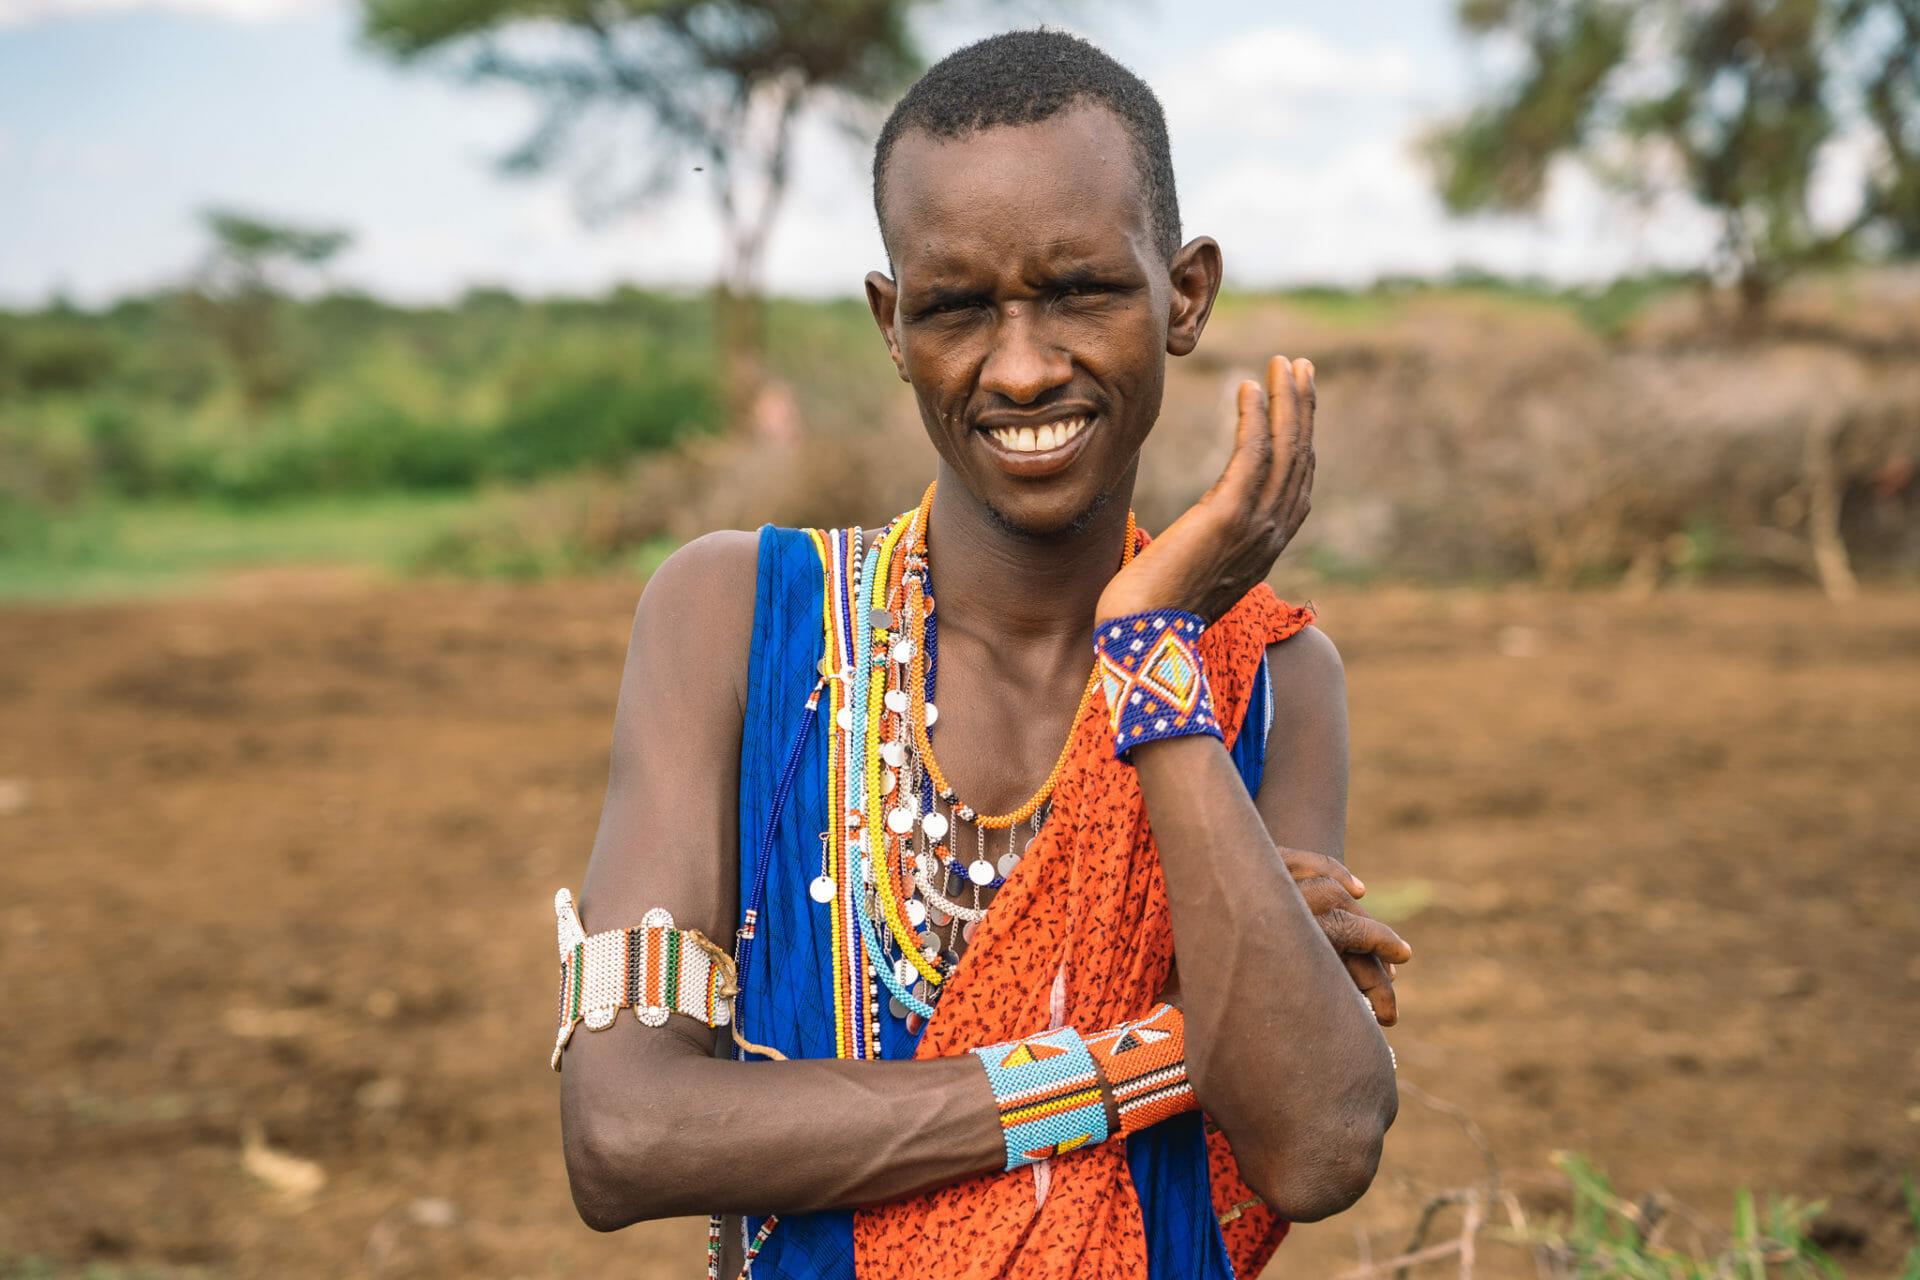 village-maasai-kenya-amboseli-we4kenya-endallah